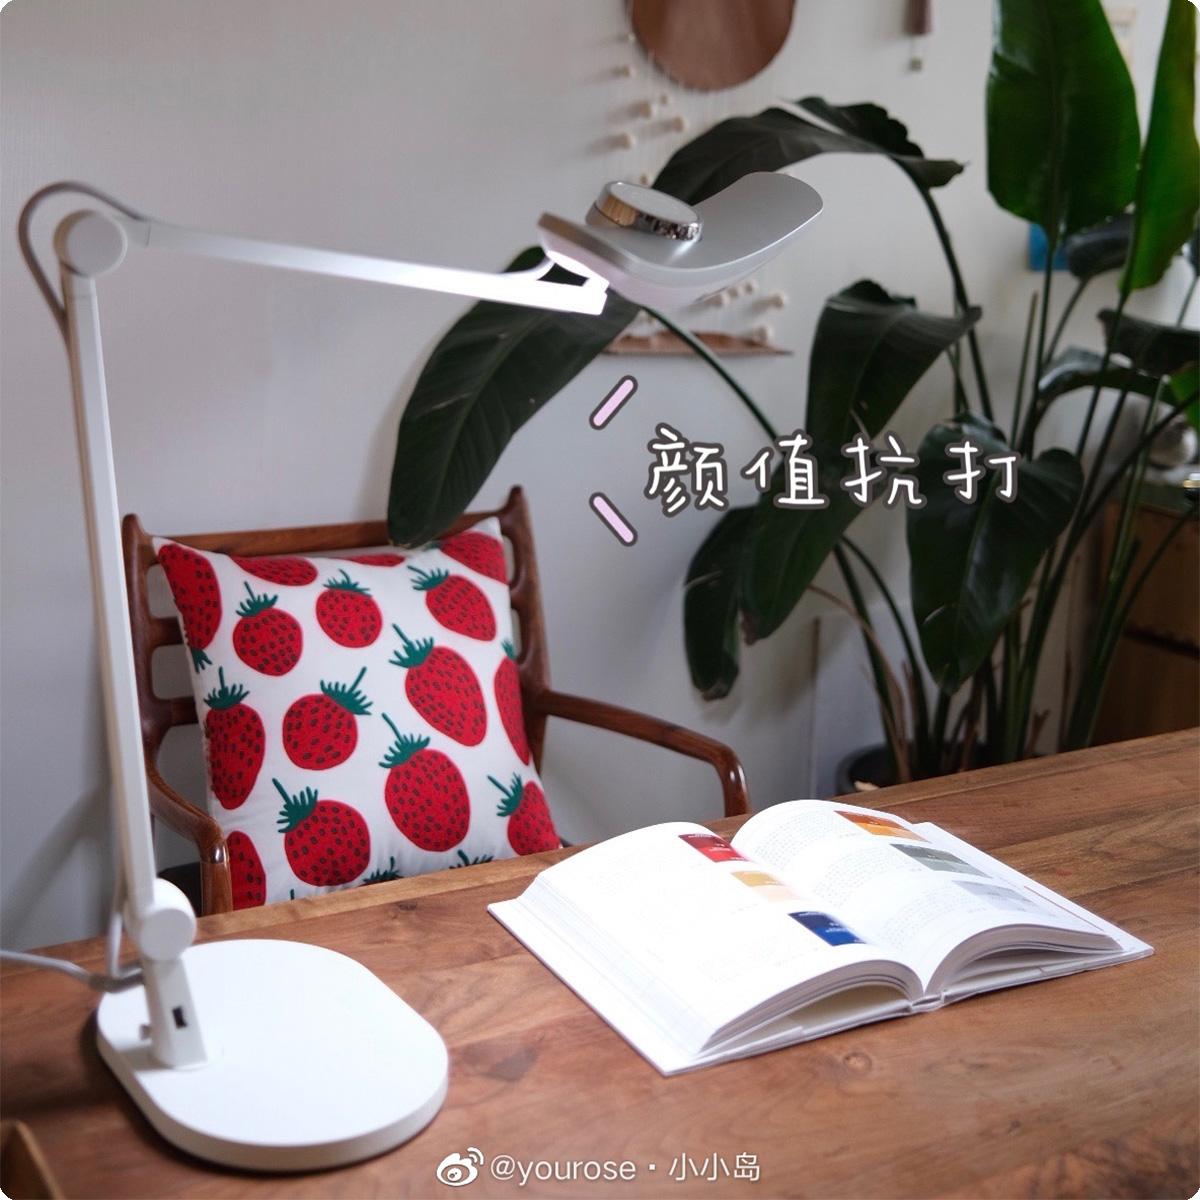 一盏灯能用很多年!值得为好设计和好功能买单